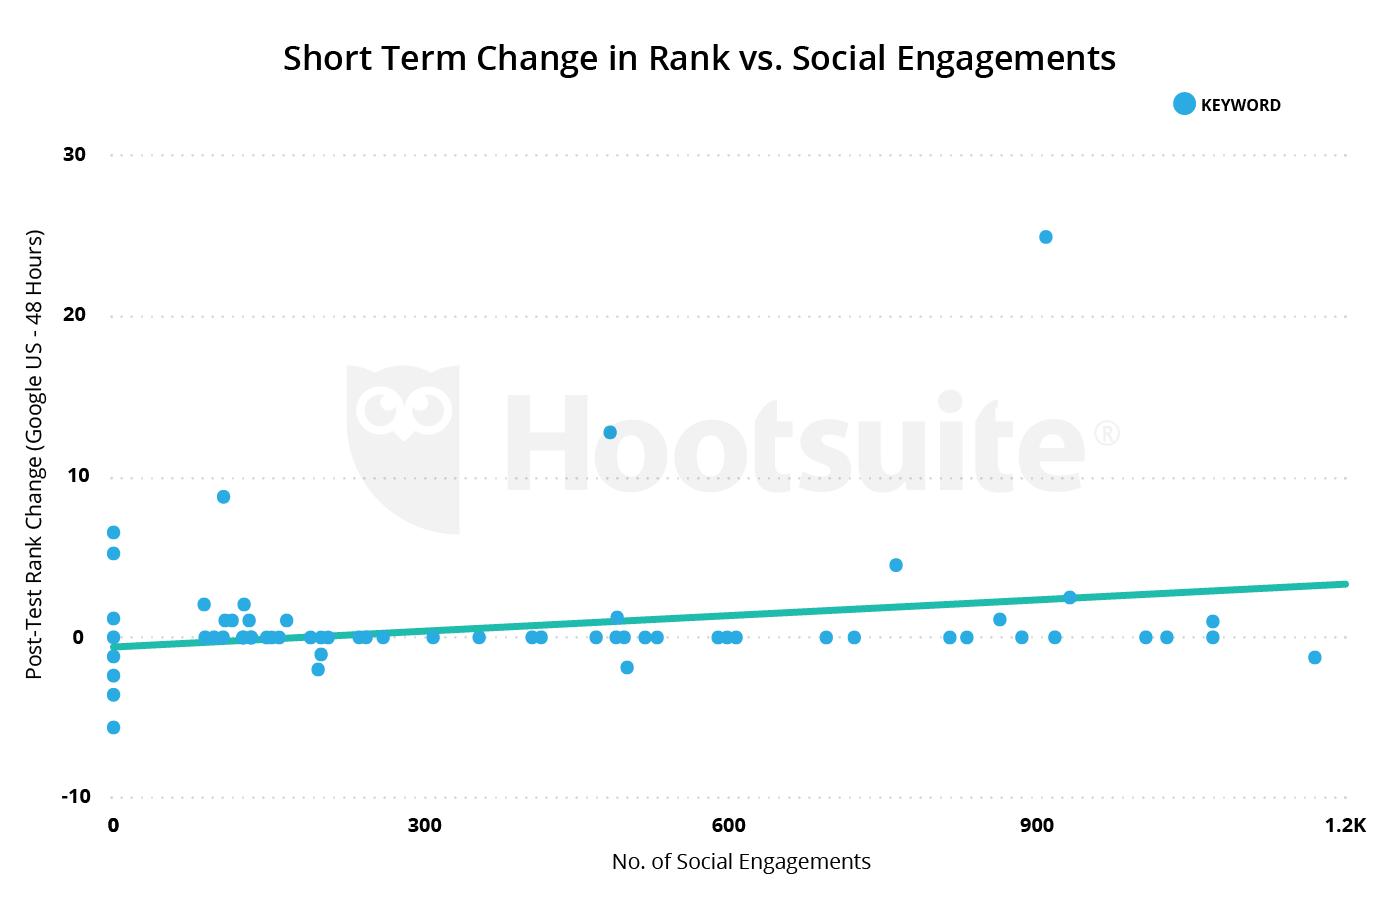 cambio a corto plazo en rango versus compromiso social